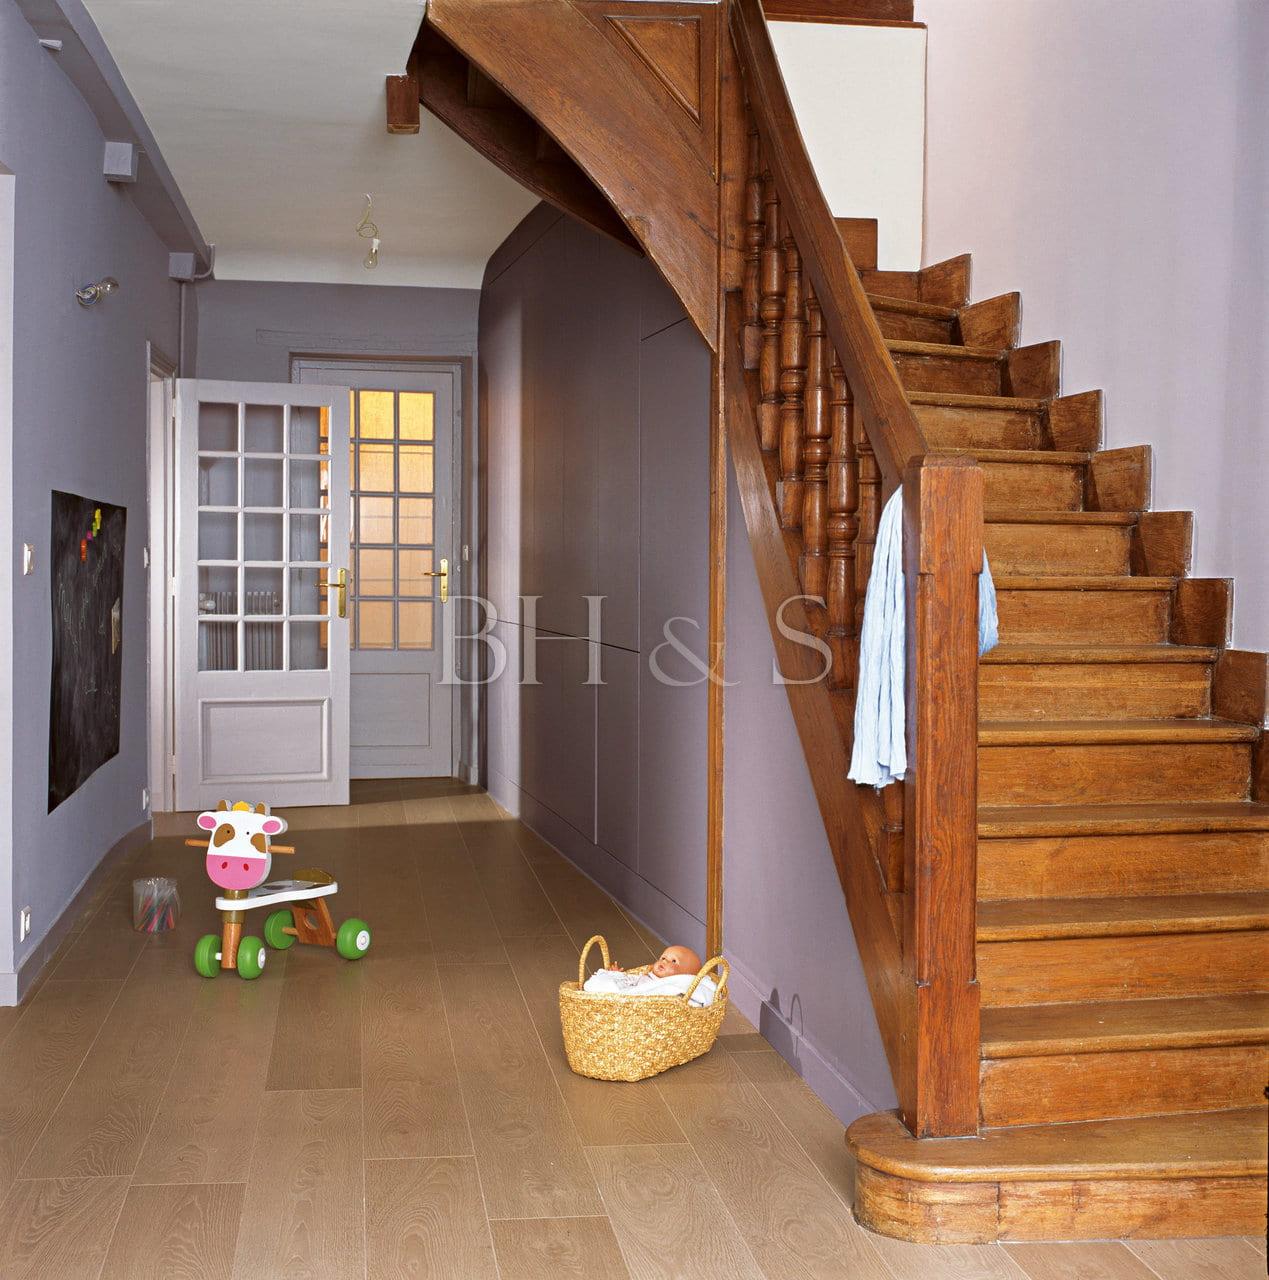 Fabuleux Aménagement intérieur Bourgogne - Architecte intérieur Beaune  AR52